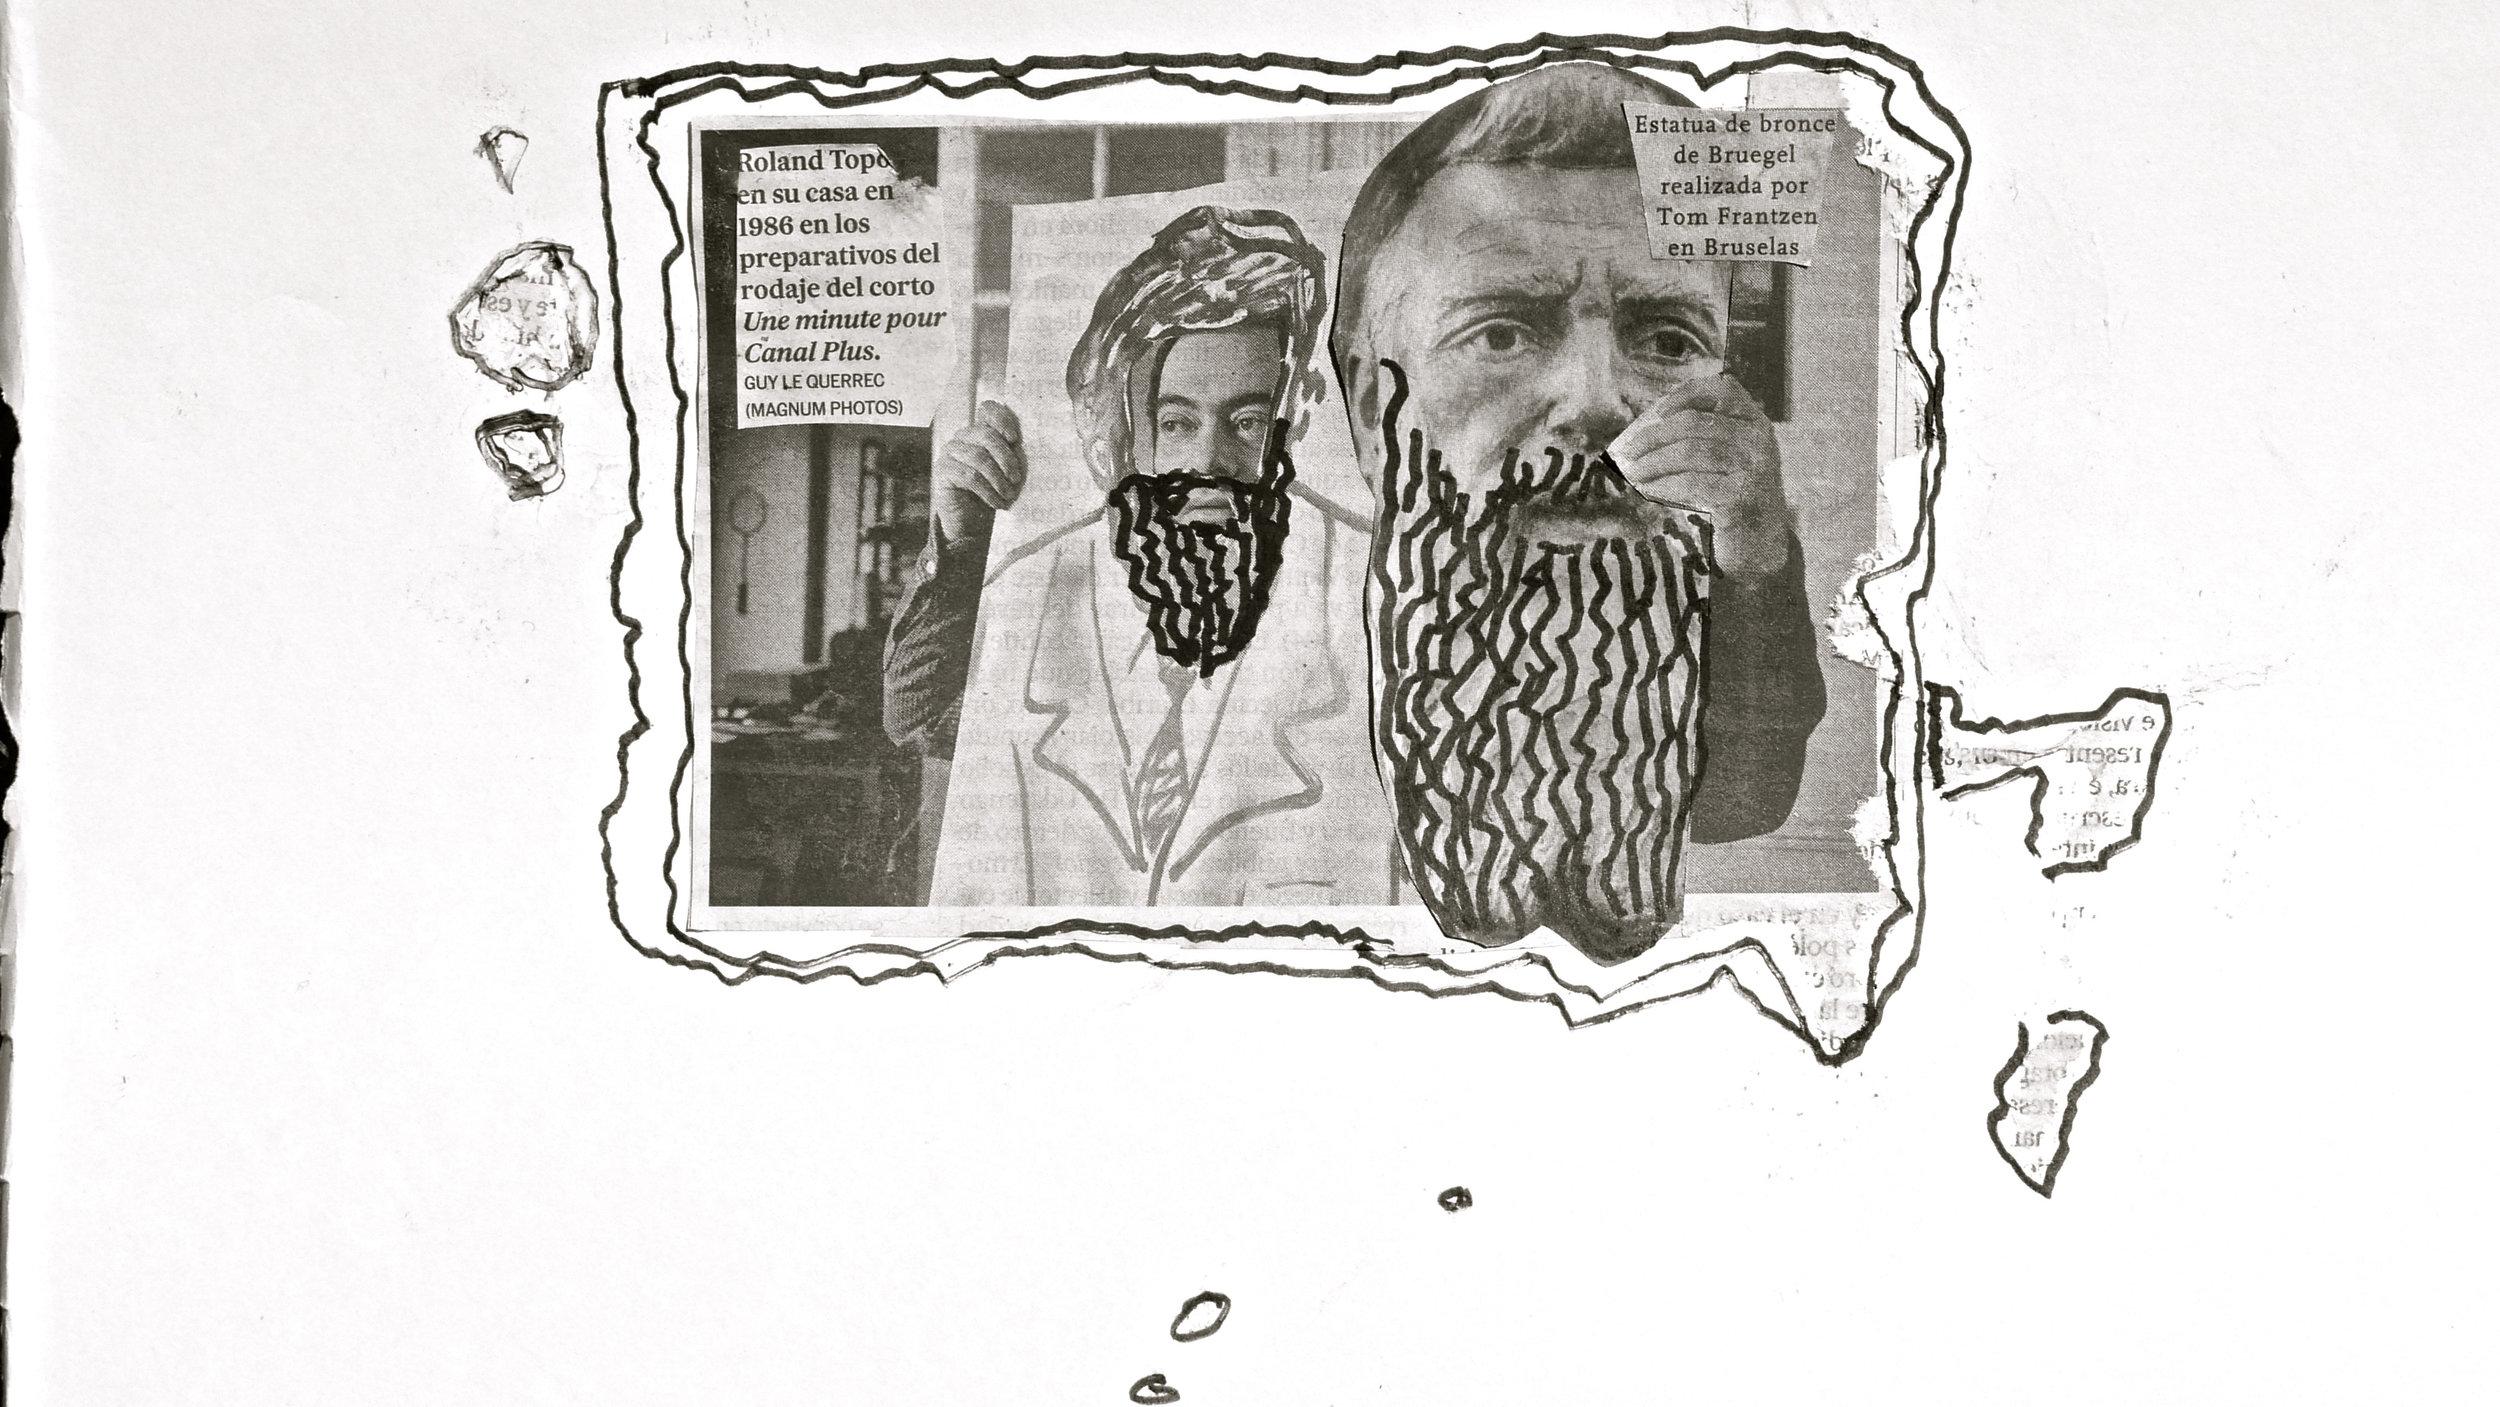 Barbarismus 6 Roland Toport Brueguel por Tom Frantzen Collage Cryp.